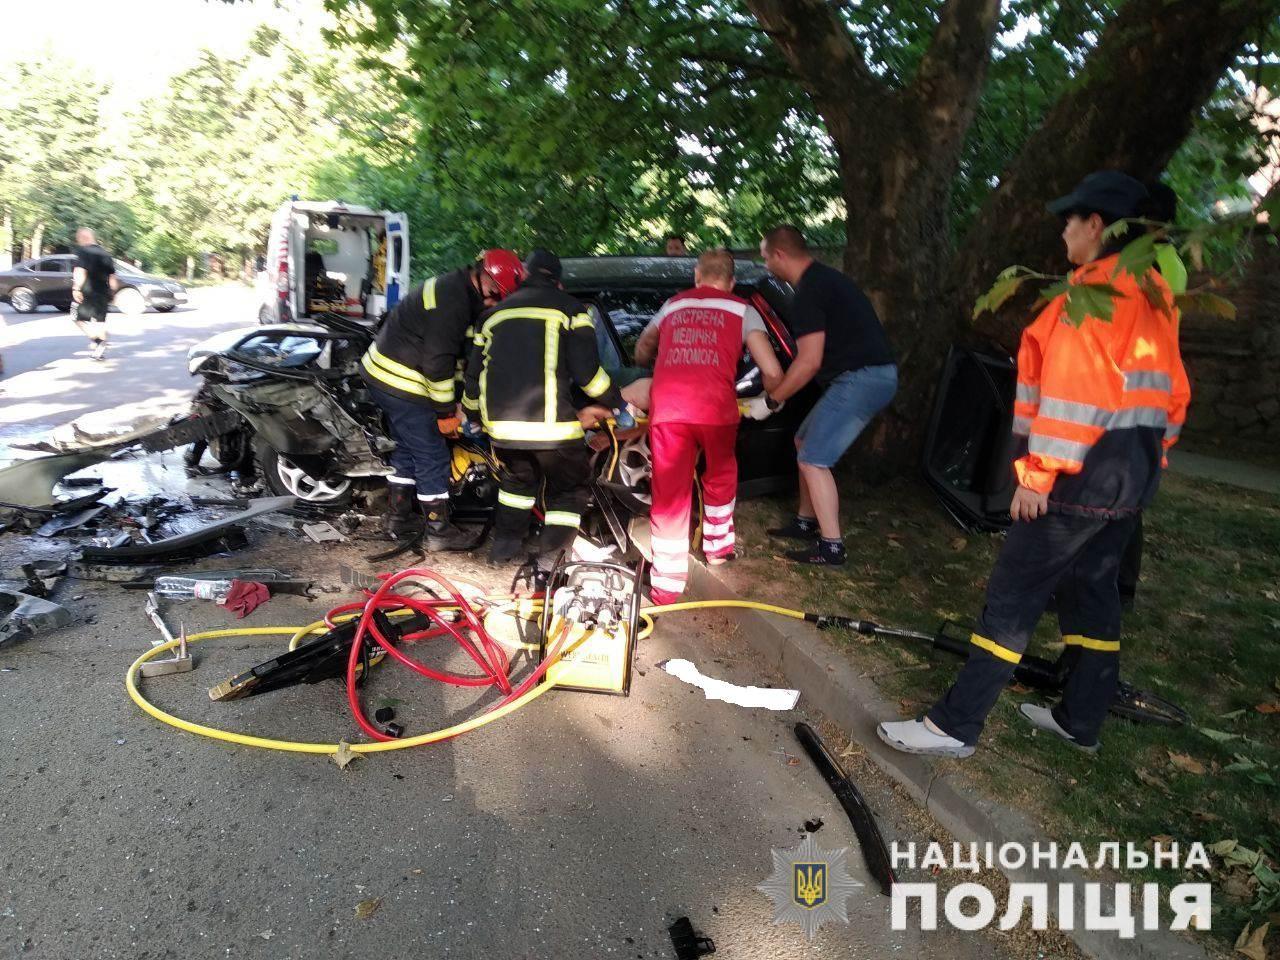 Мажорна ДТП в Ужгороді: стан постраждалого значно покращився